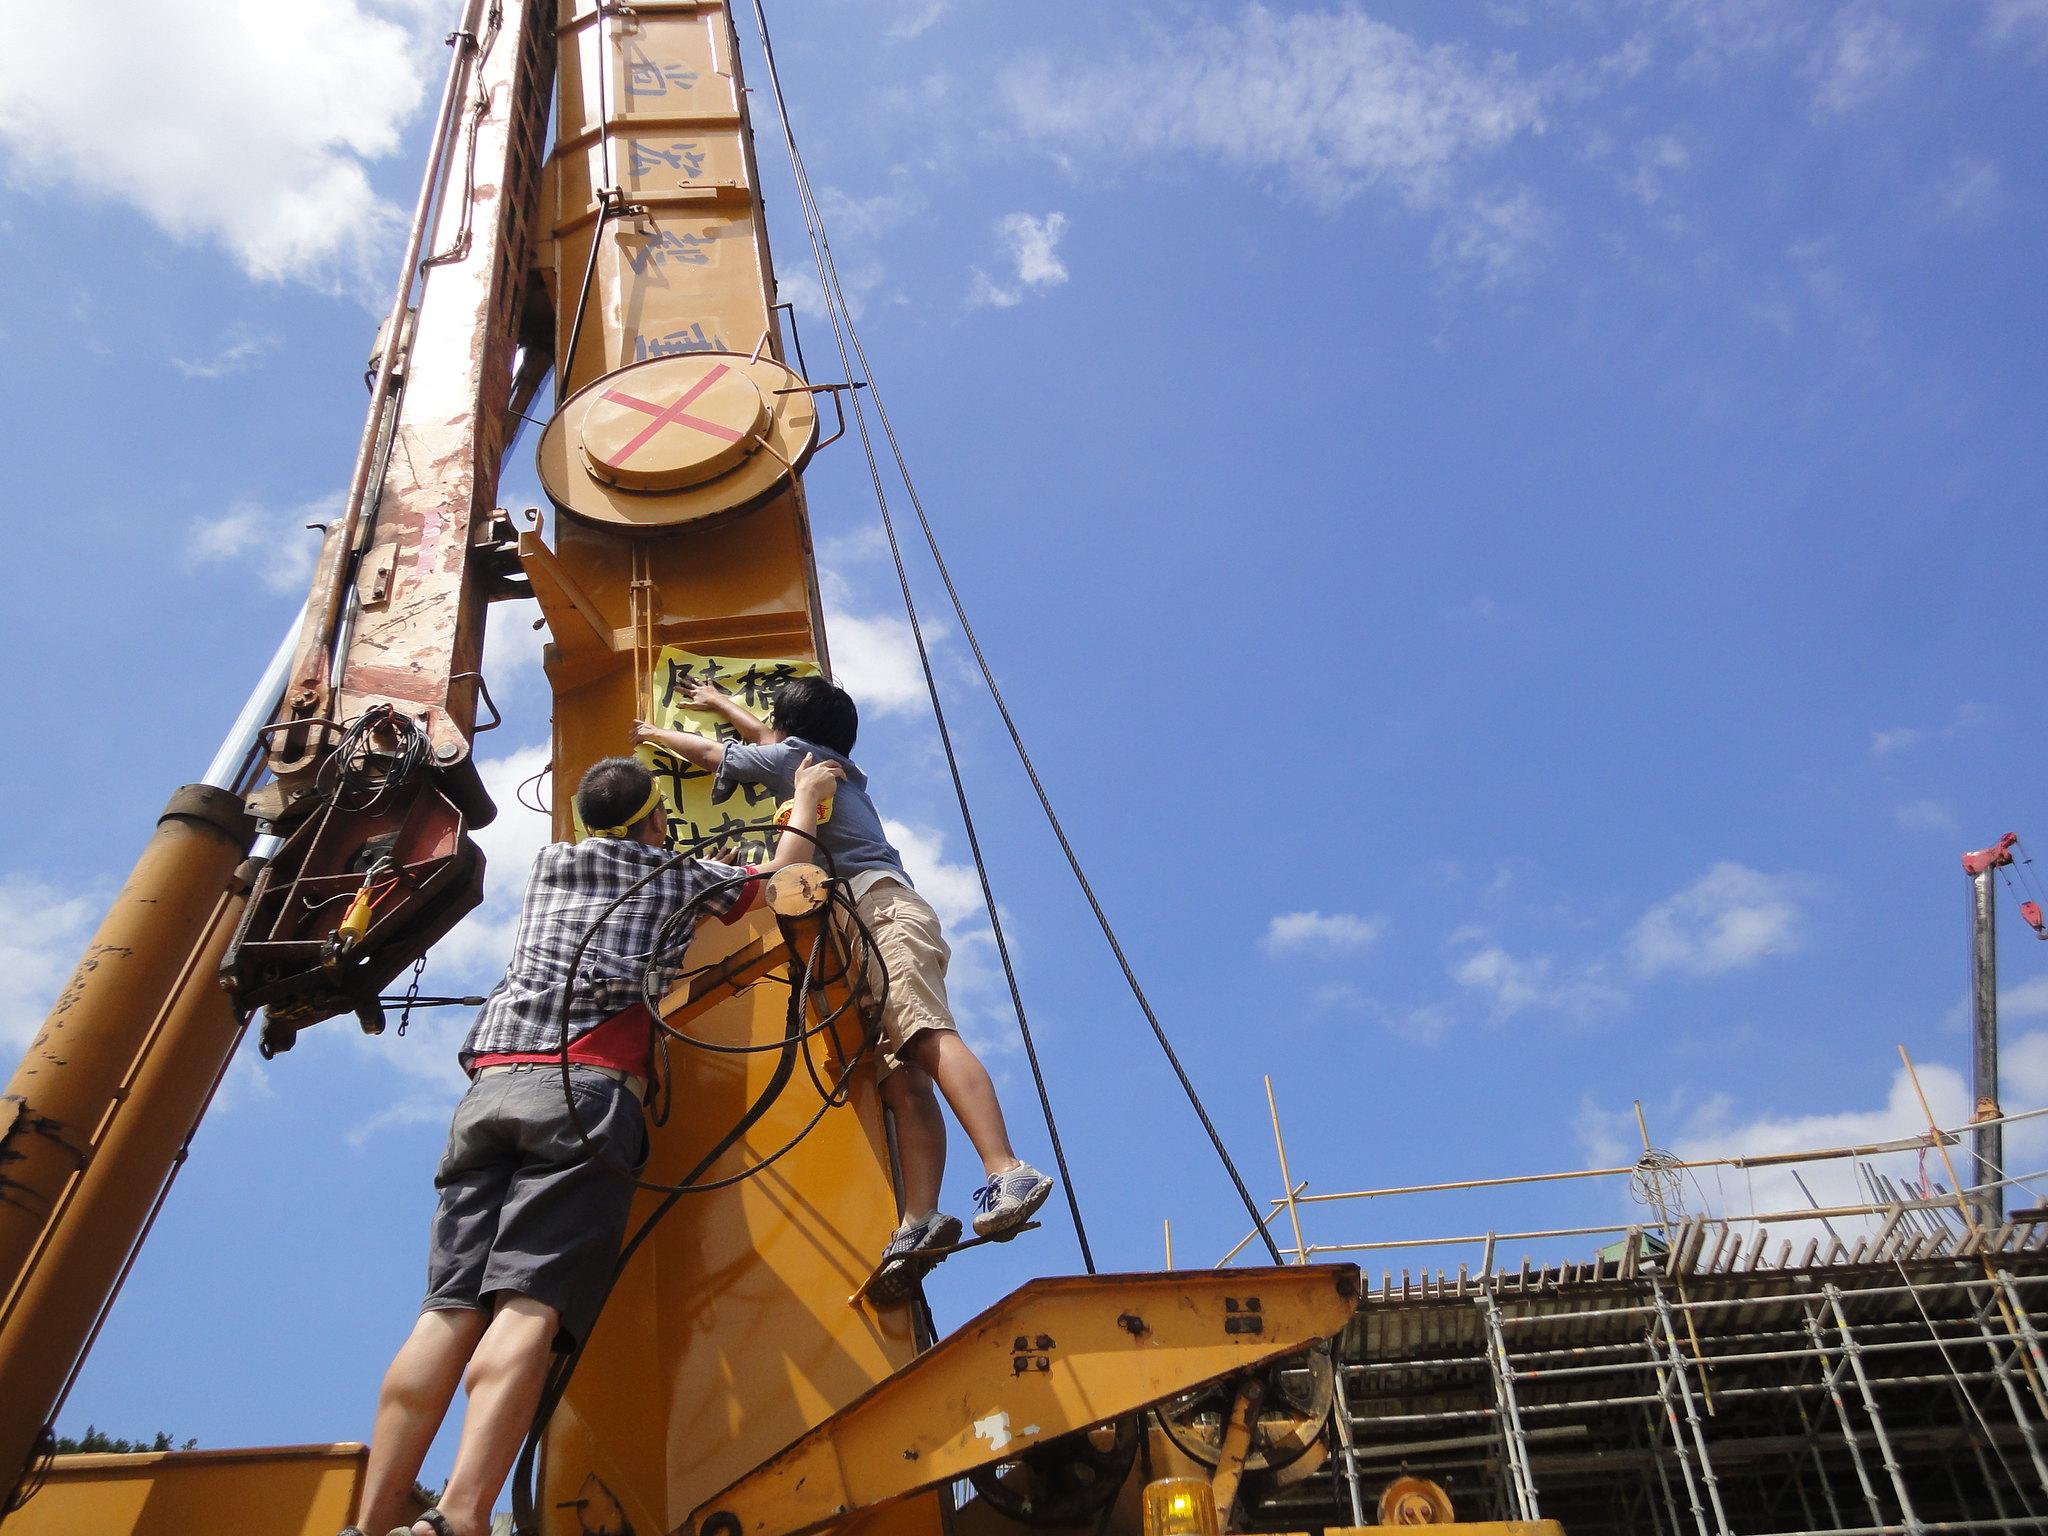 聲援學生將「陸橋案立即停工」、「重建樂生」和「大平台實質協商」標語貼在起重機上。(攝影:張智琦)